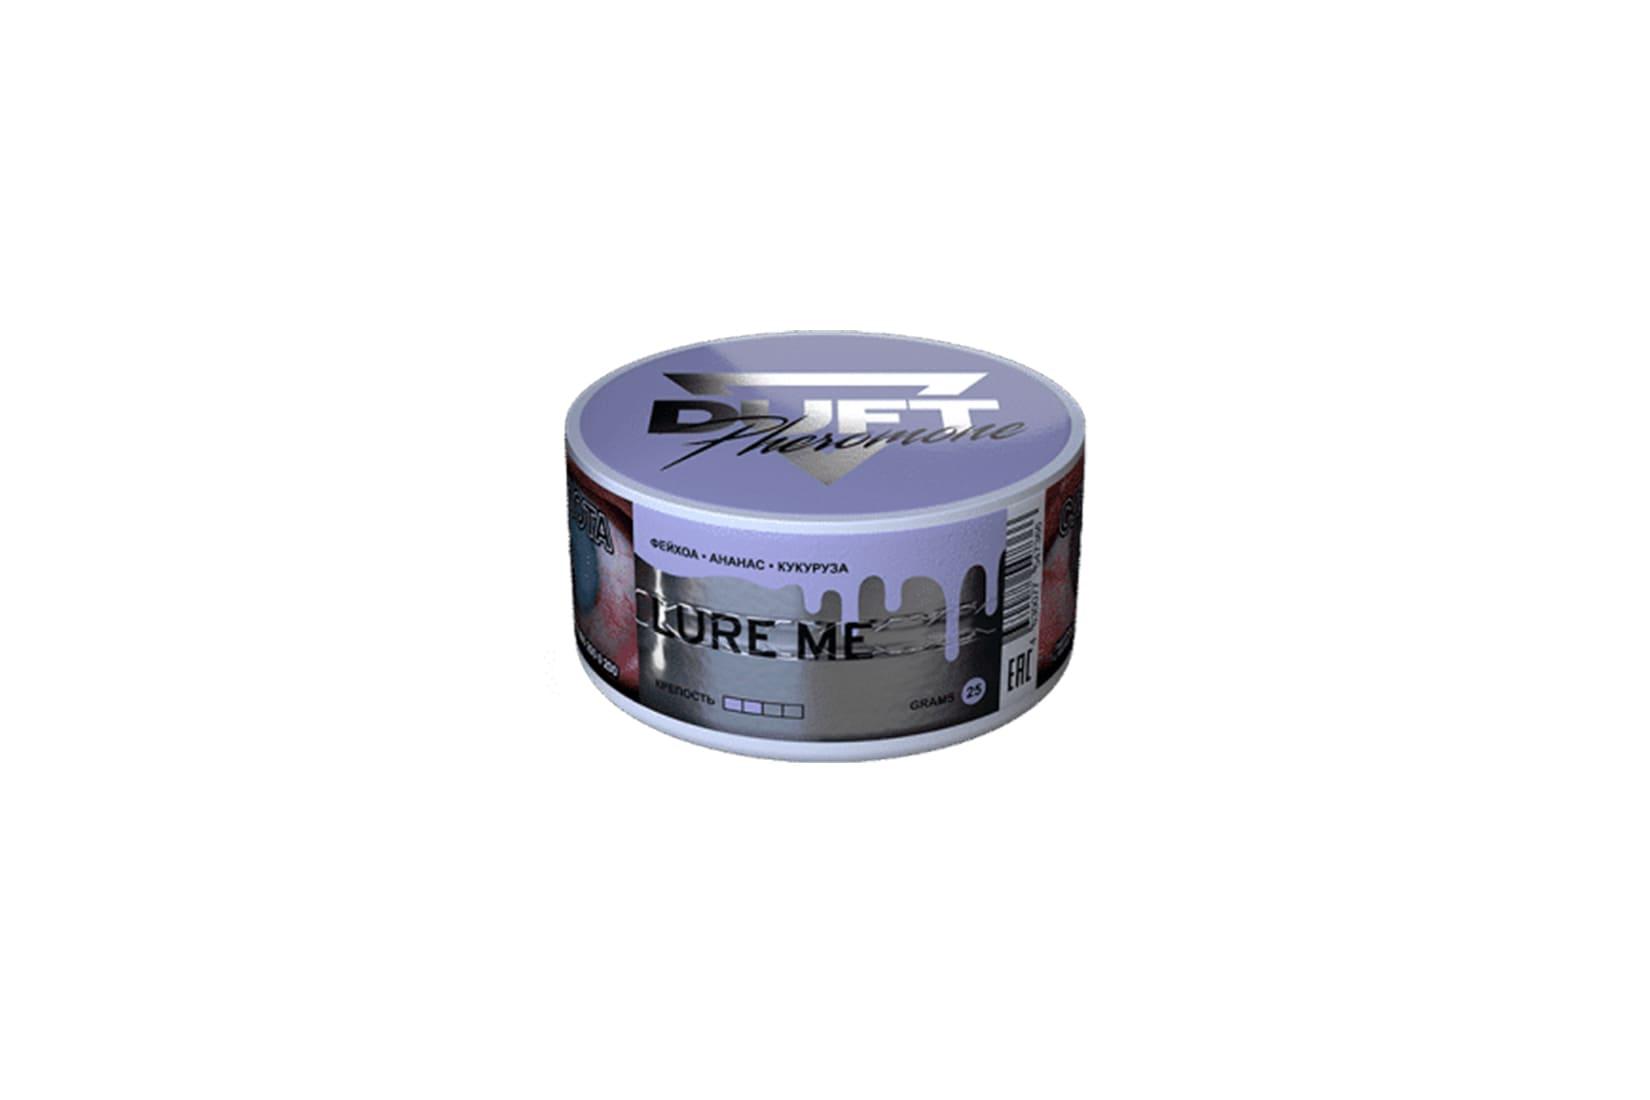 Табак для кальяна Duft Pheromon LURE ME: описание, миксы, отзывы